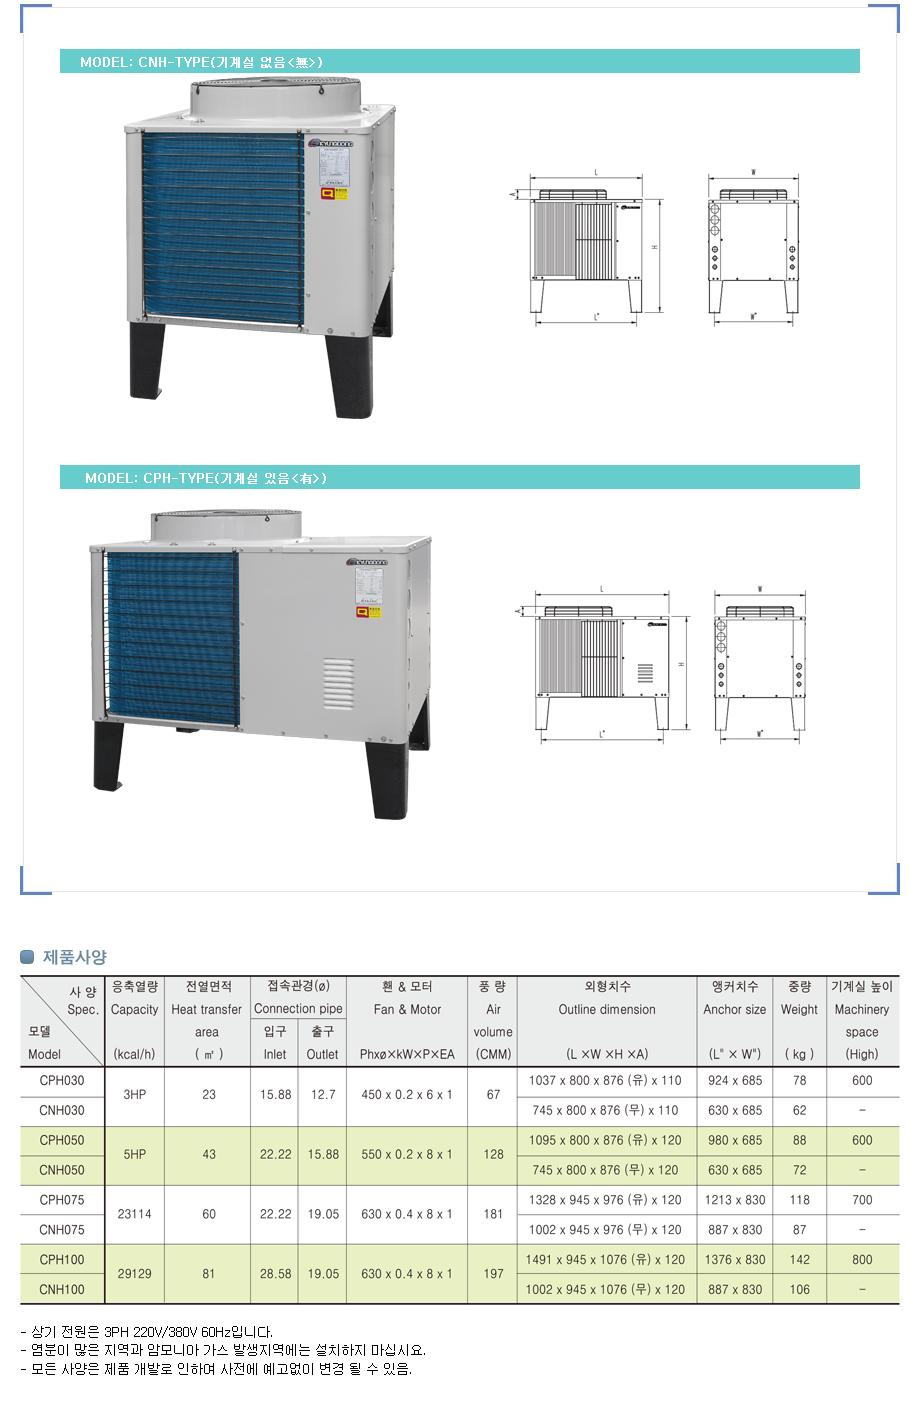 경동산업(주)  CNH/CPH-Type 1